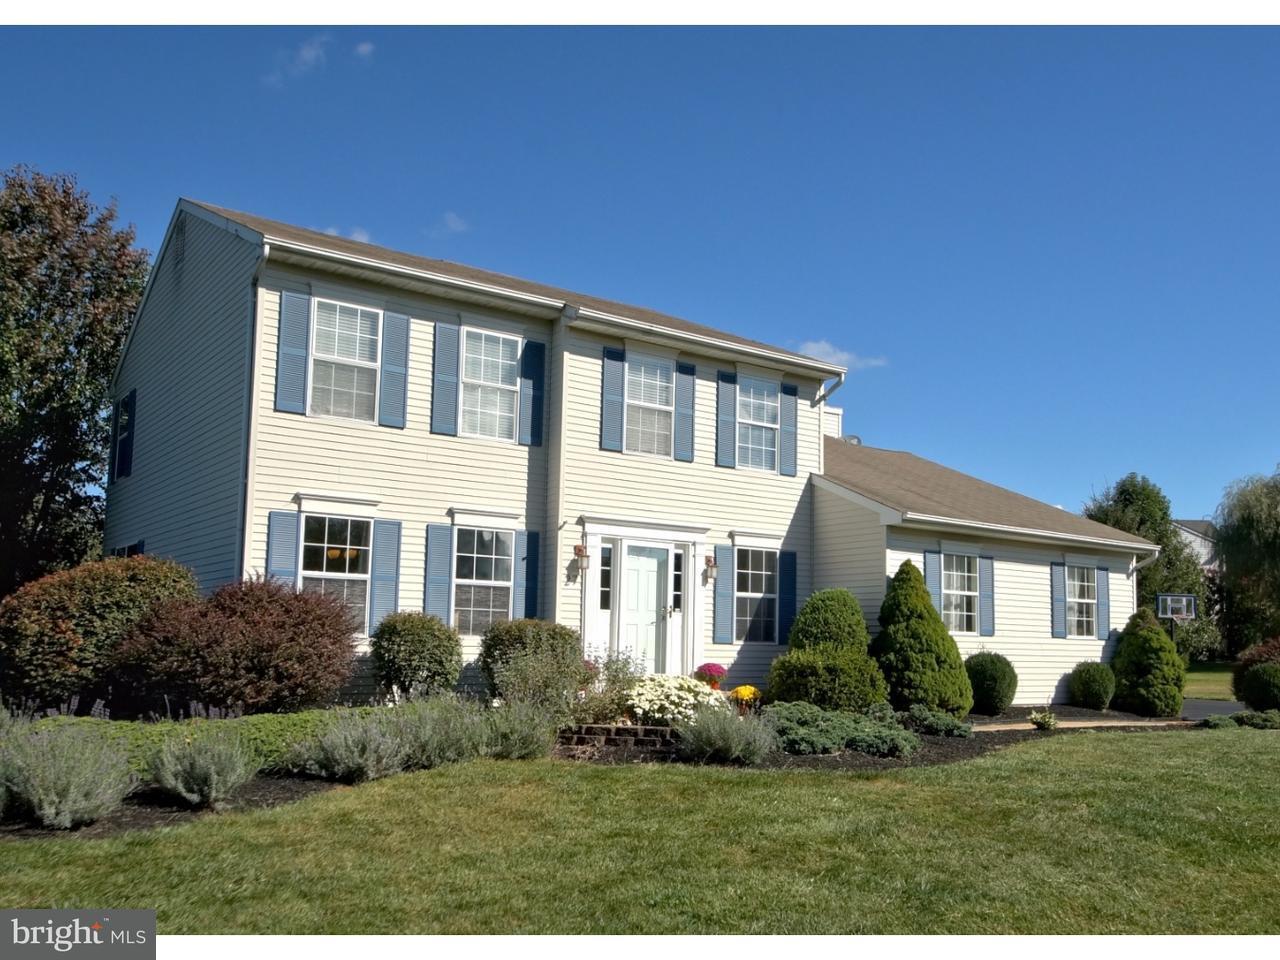 独户住宅 为 销售 在 27 GALLOPING BROOK Drive Allentown, 新泽西州 08501 美国在/周边: Upper Freehold Township